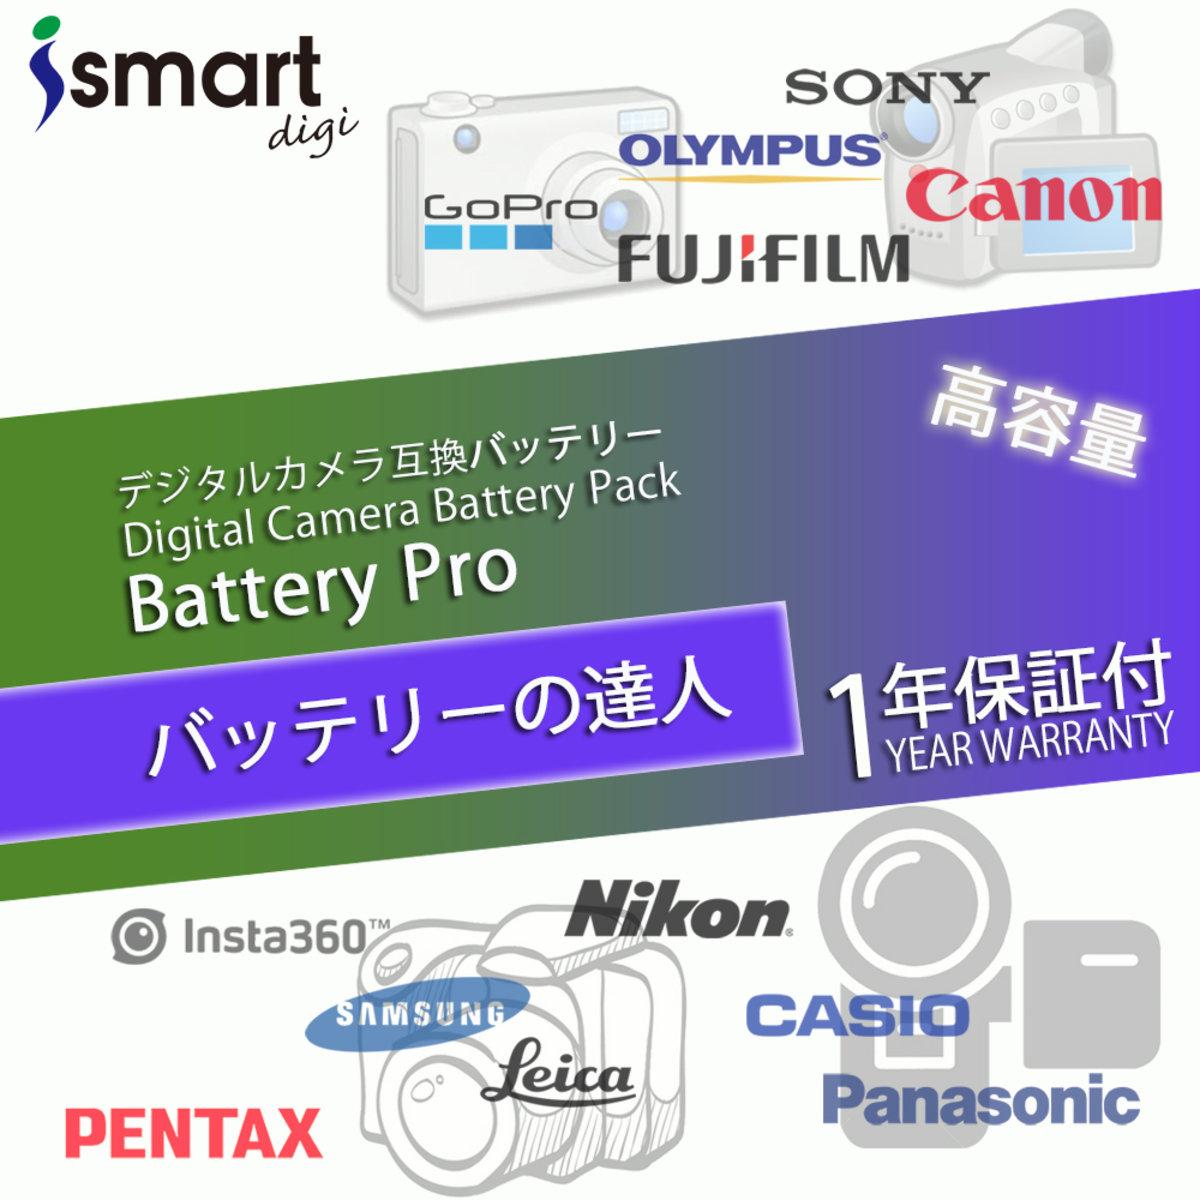 Panasonic(松下)數碼相機電池(適合:Lumix DMC-FX01-A, Lumix DMC-FX01-K, Lumix DMC-FX01-P, Lumix DMC-FX01-S, Lumix DMC-FX01-W)